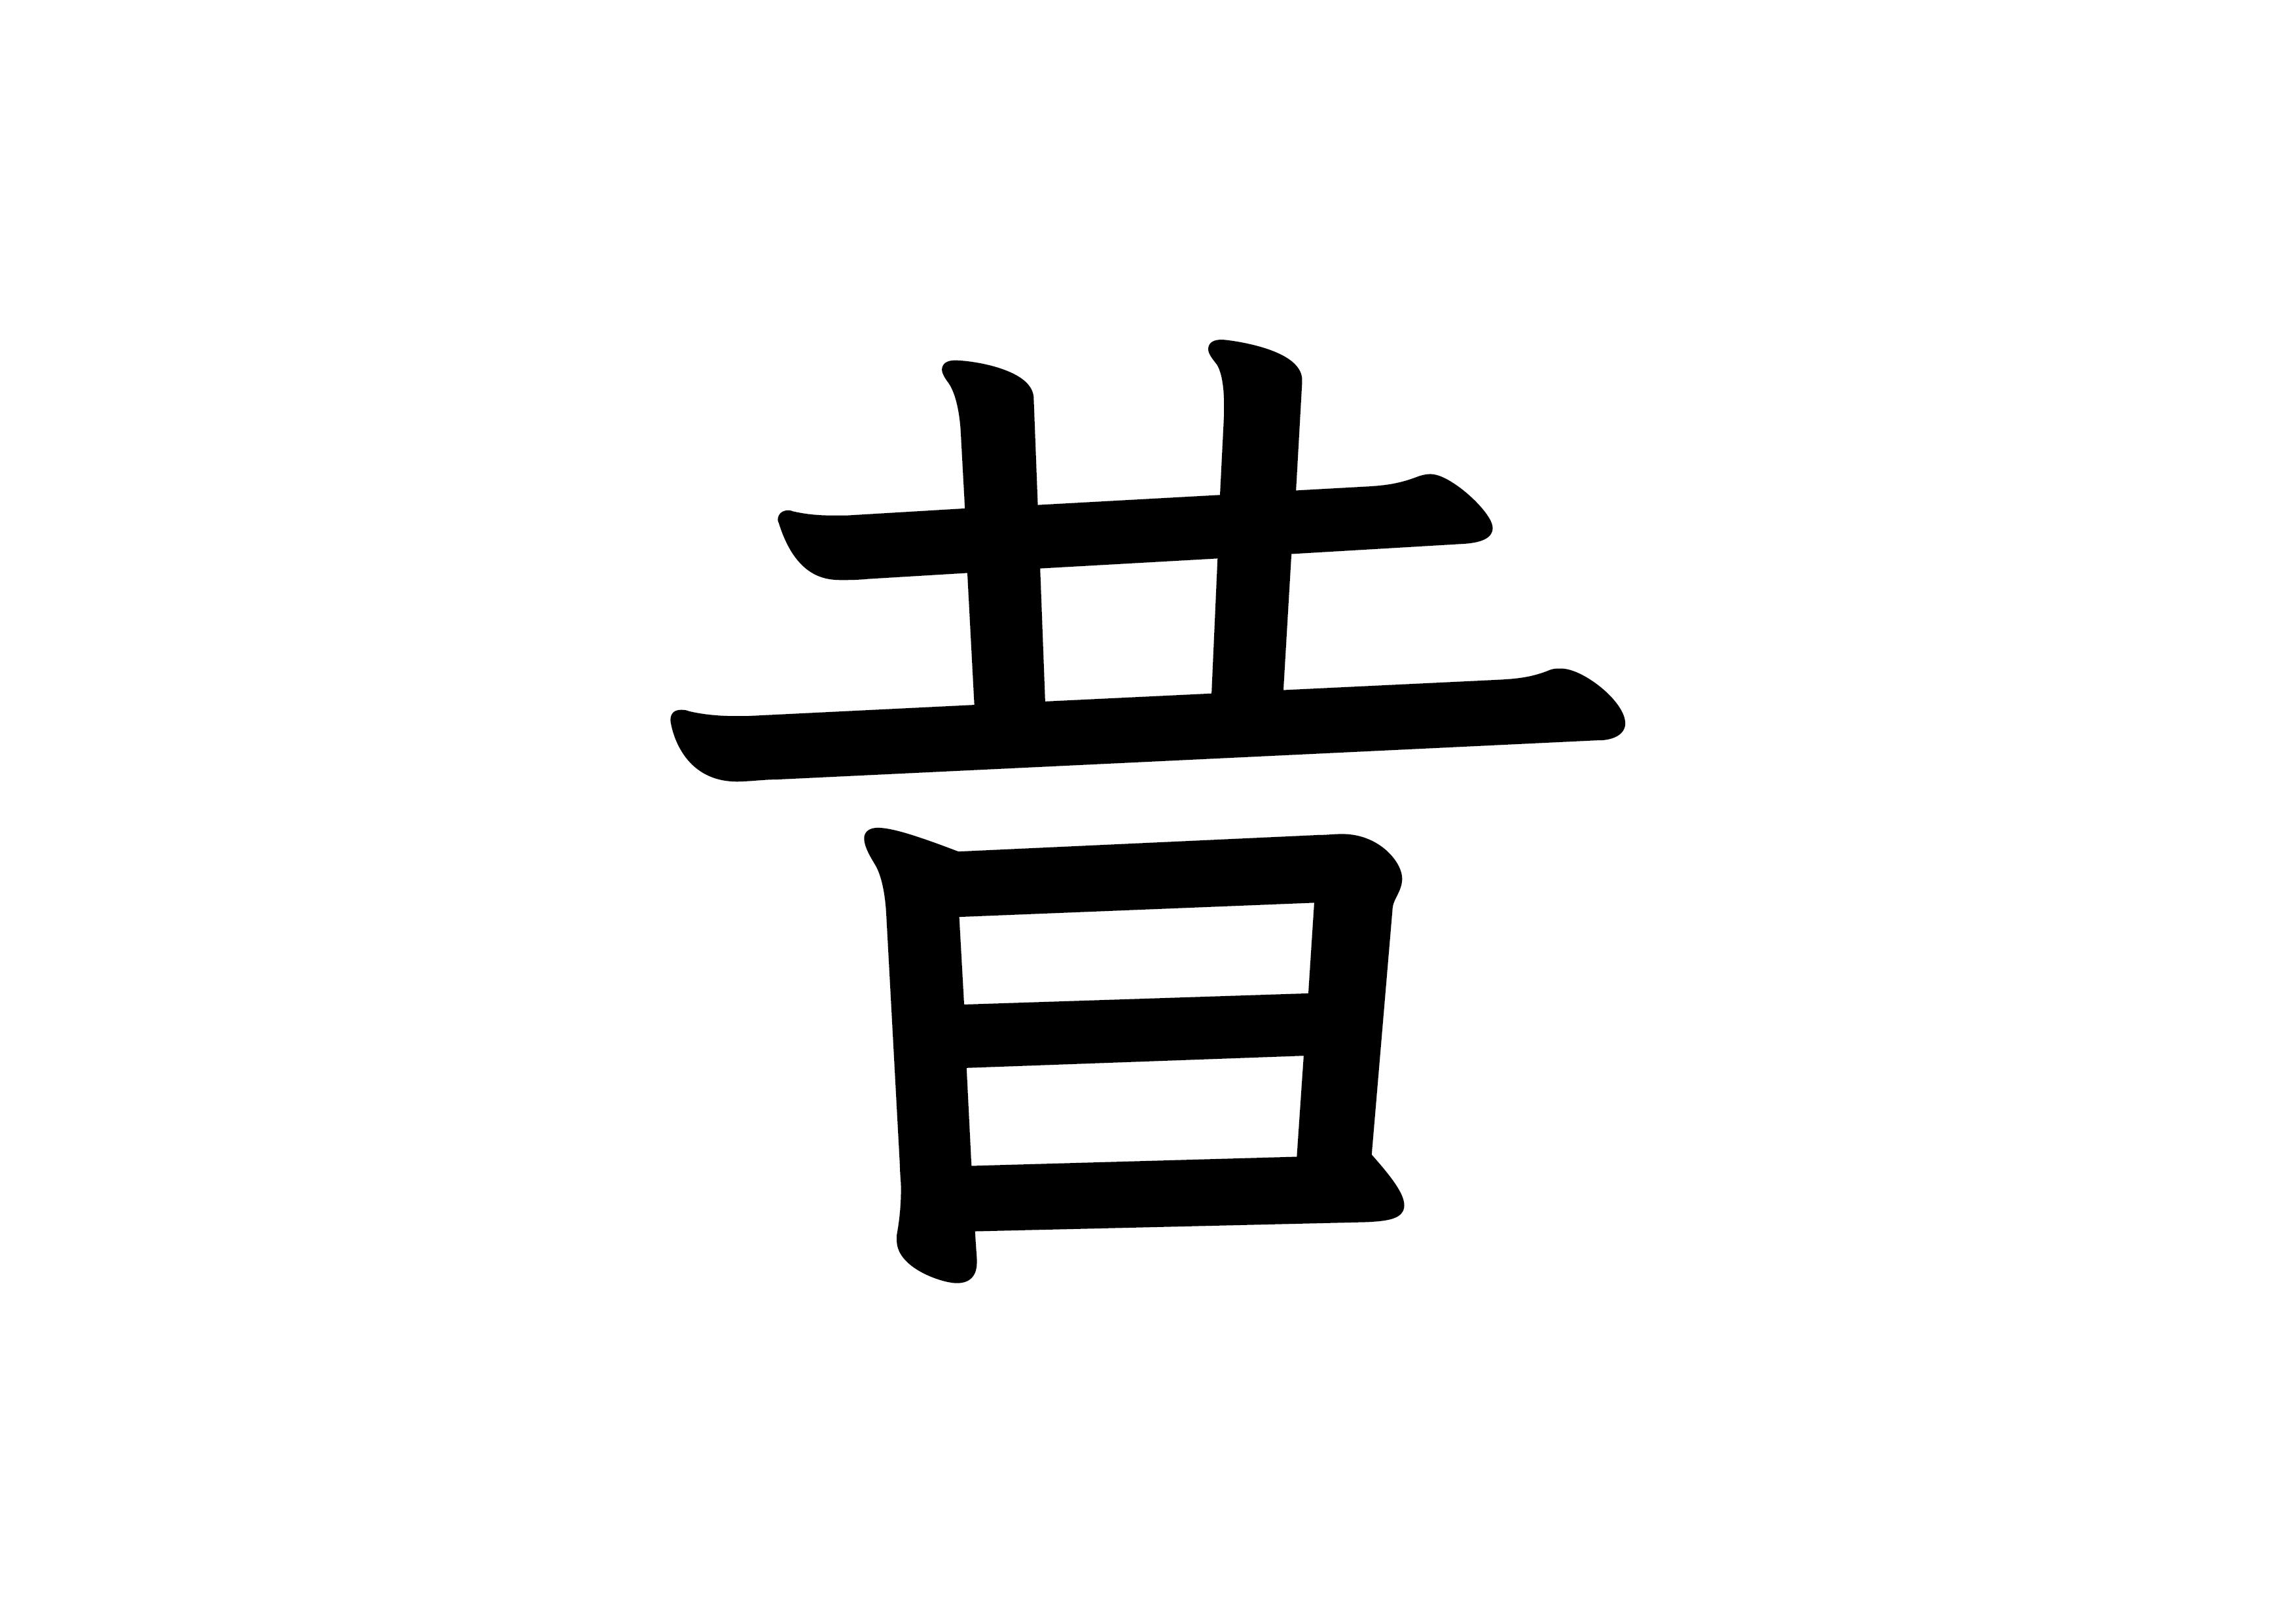 35課文字カード【昔】